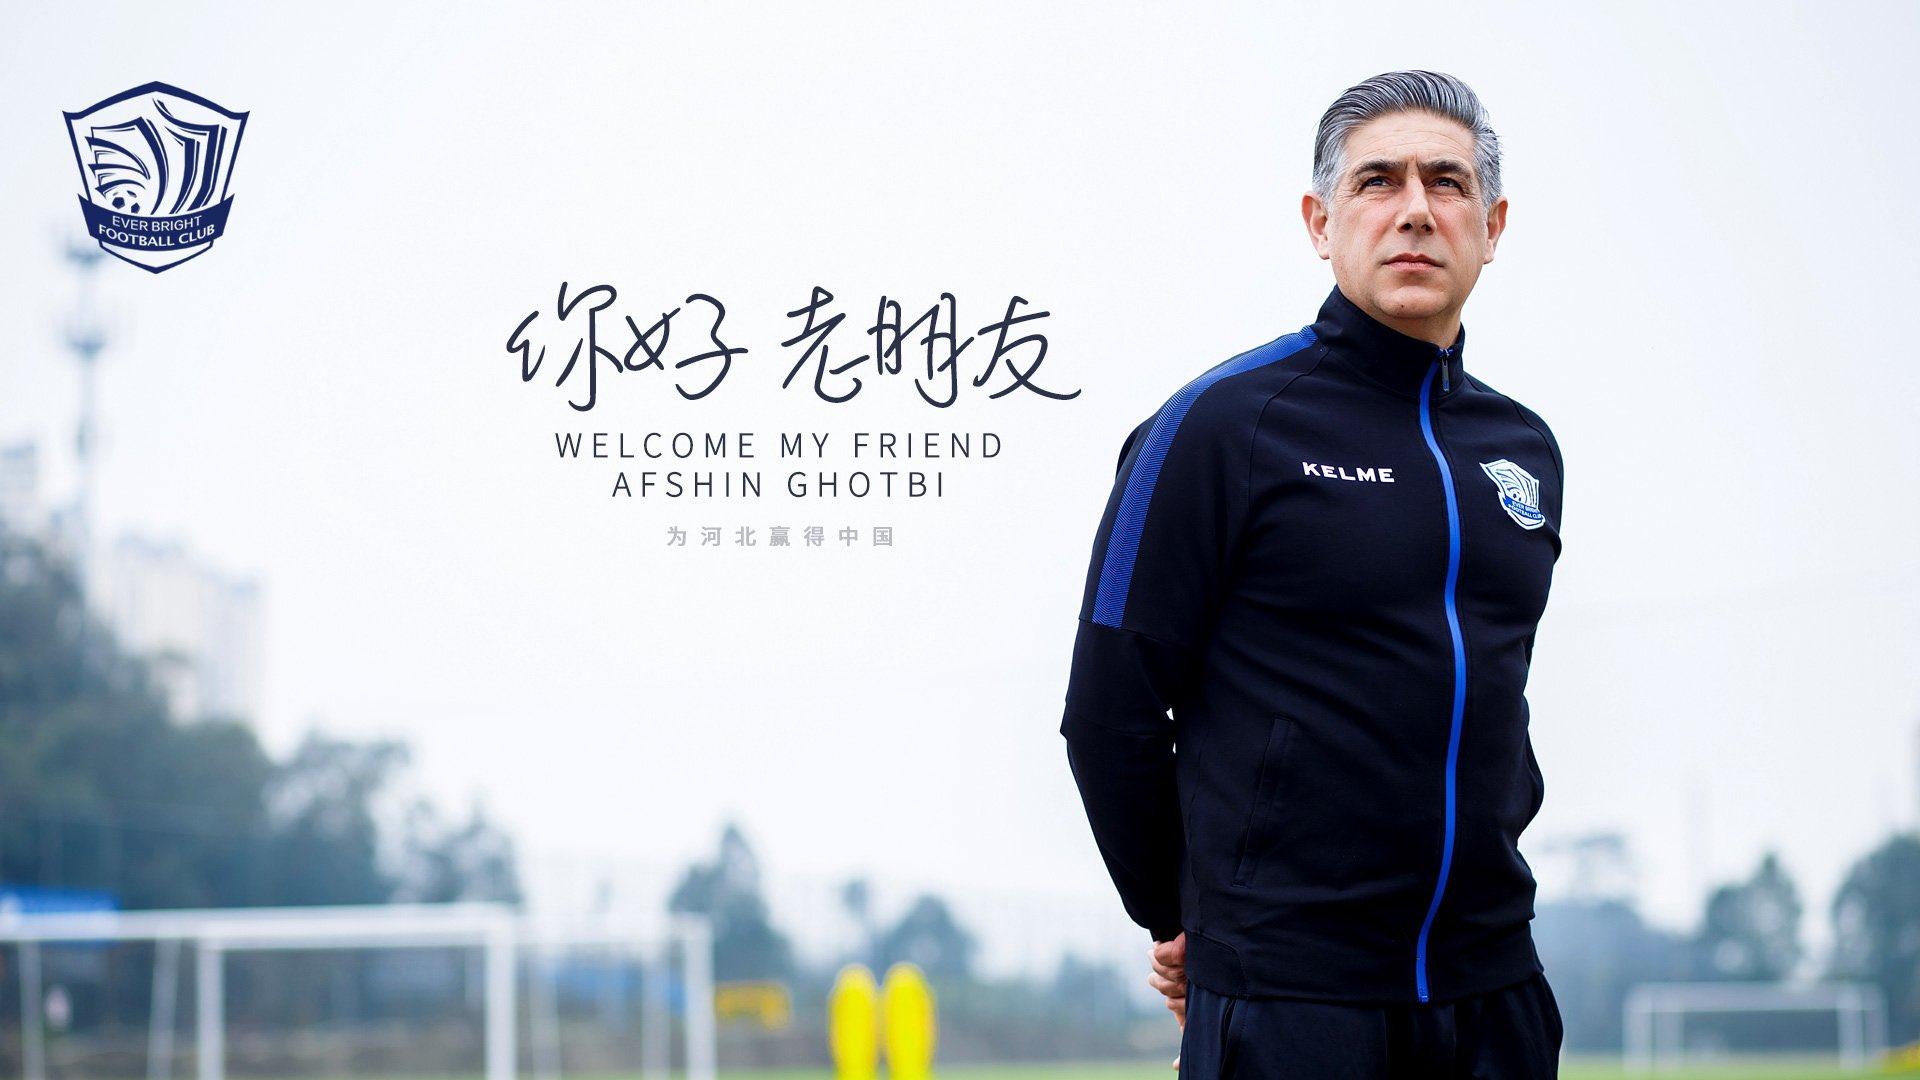 سرمربی ایرانی فوتبال چین-سوپر لیگ چین-باشگاه شیجیا ژوانگ اور برایت-Shijiazhuang Ever Bright F.C